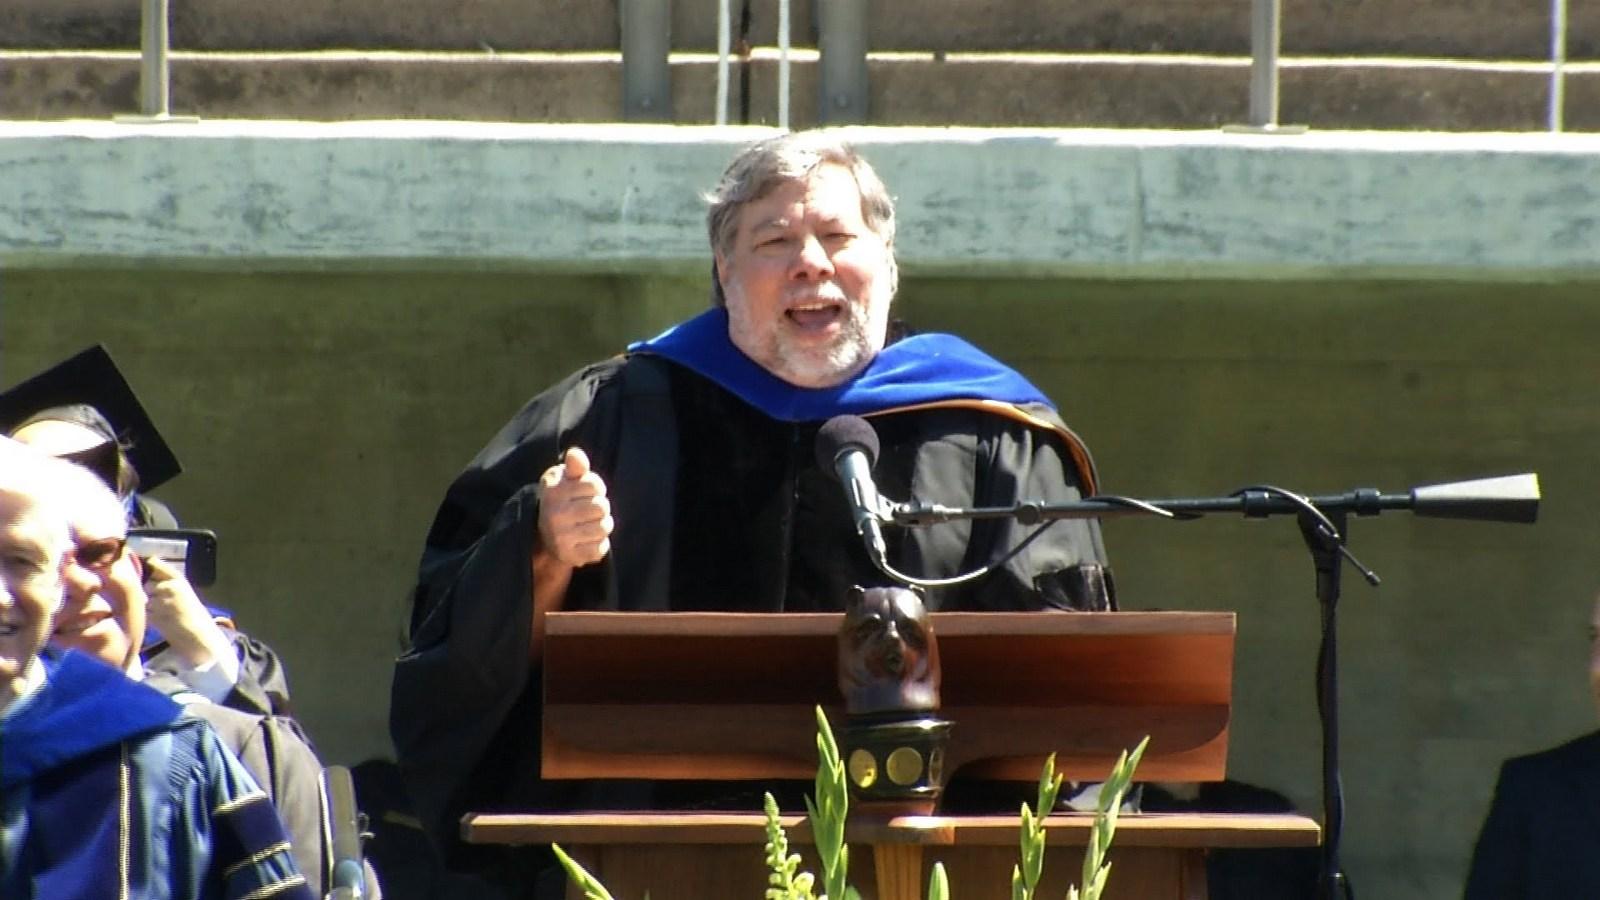 Стивен Возняк стал преподавателем в Университете High Point